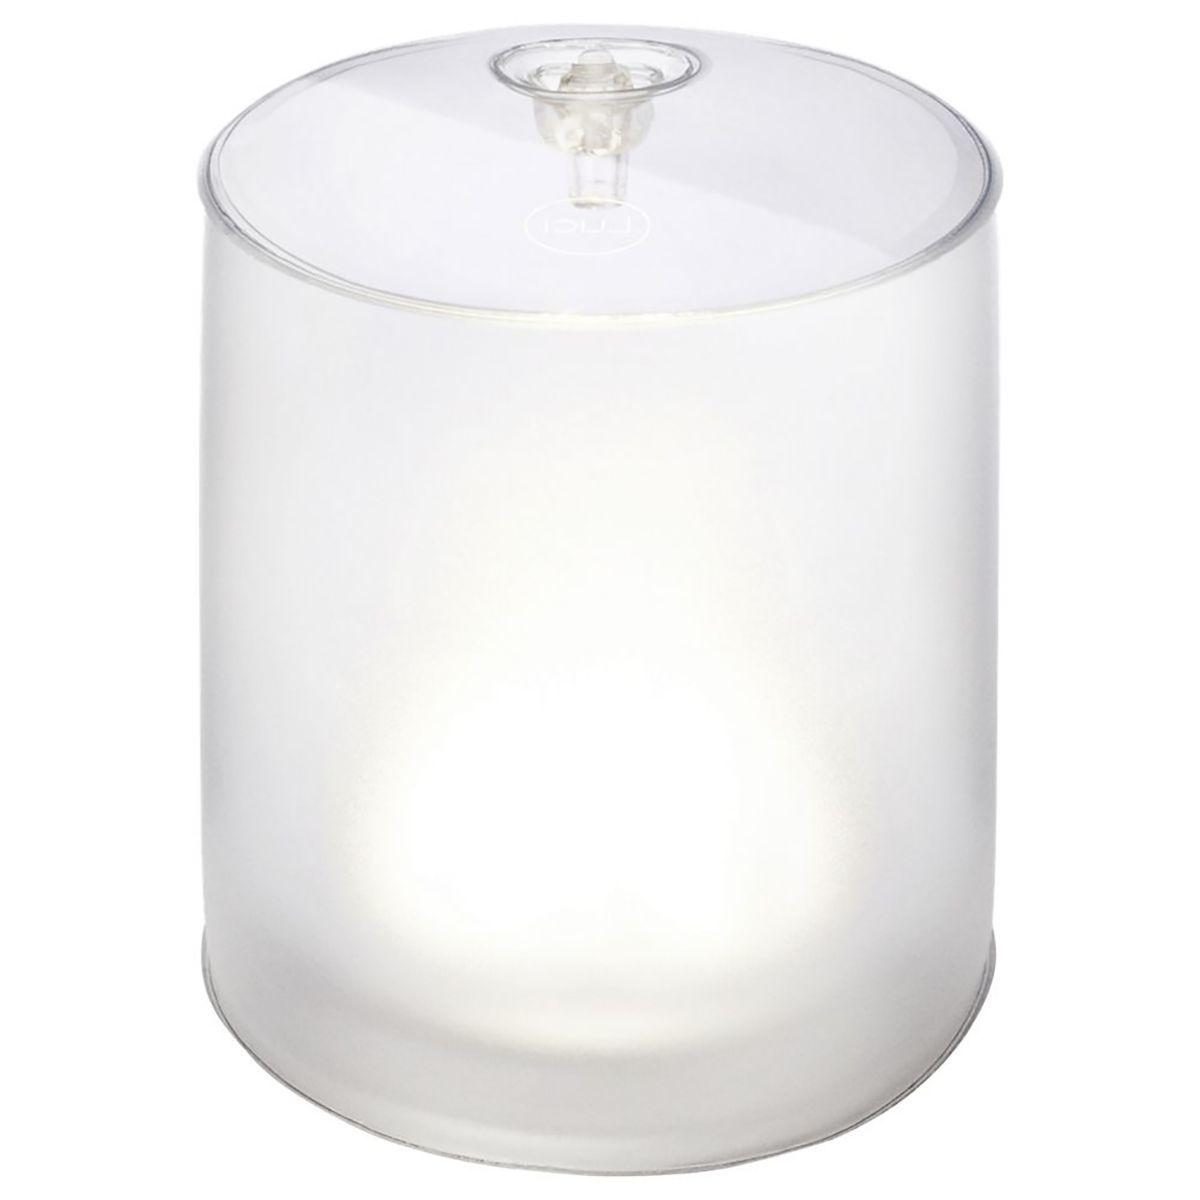 Luci® EMRG Light